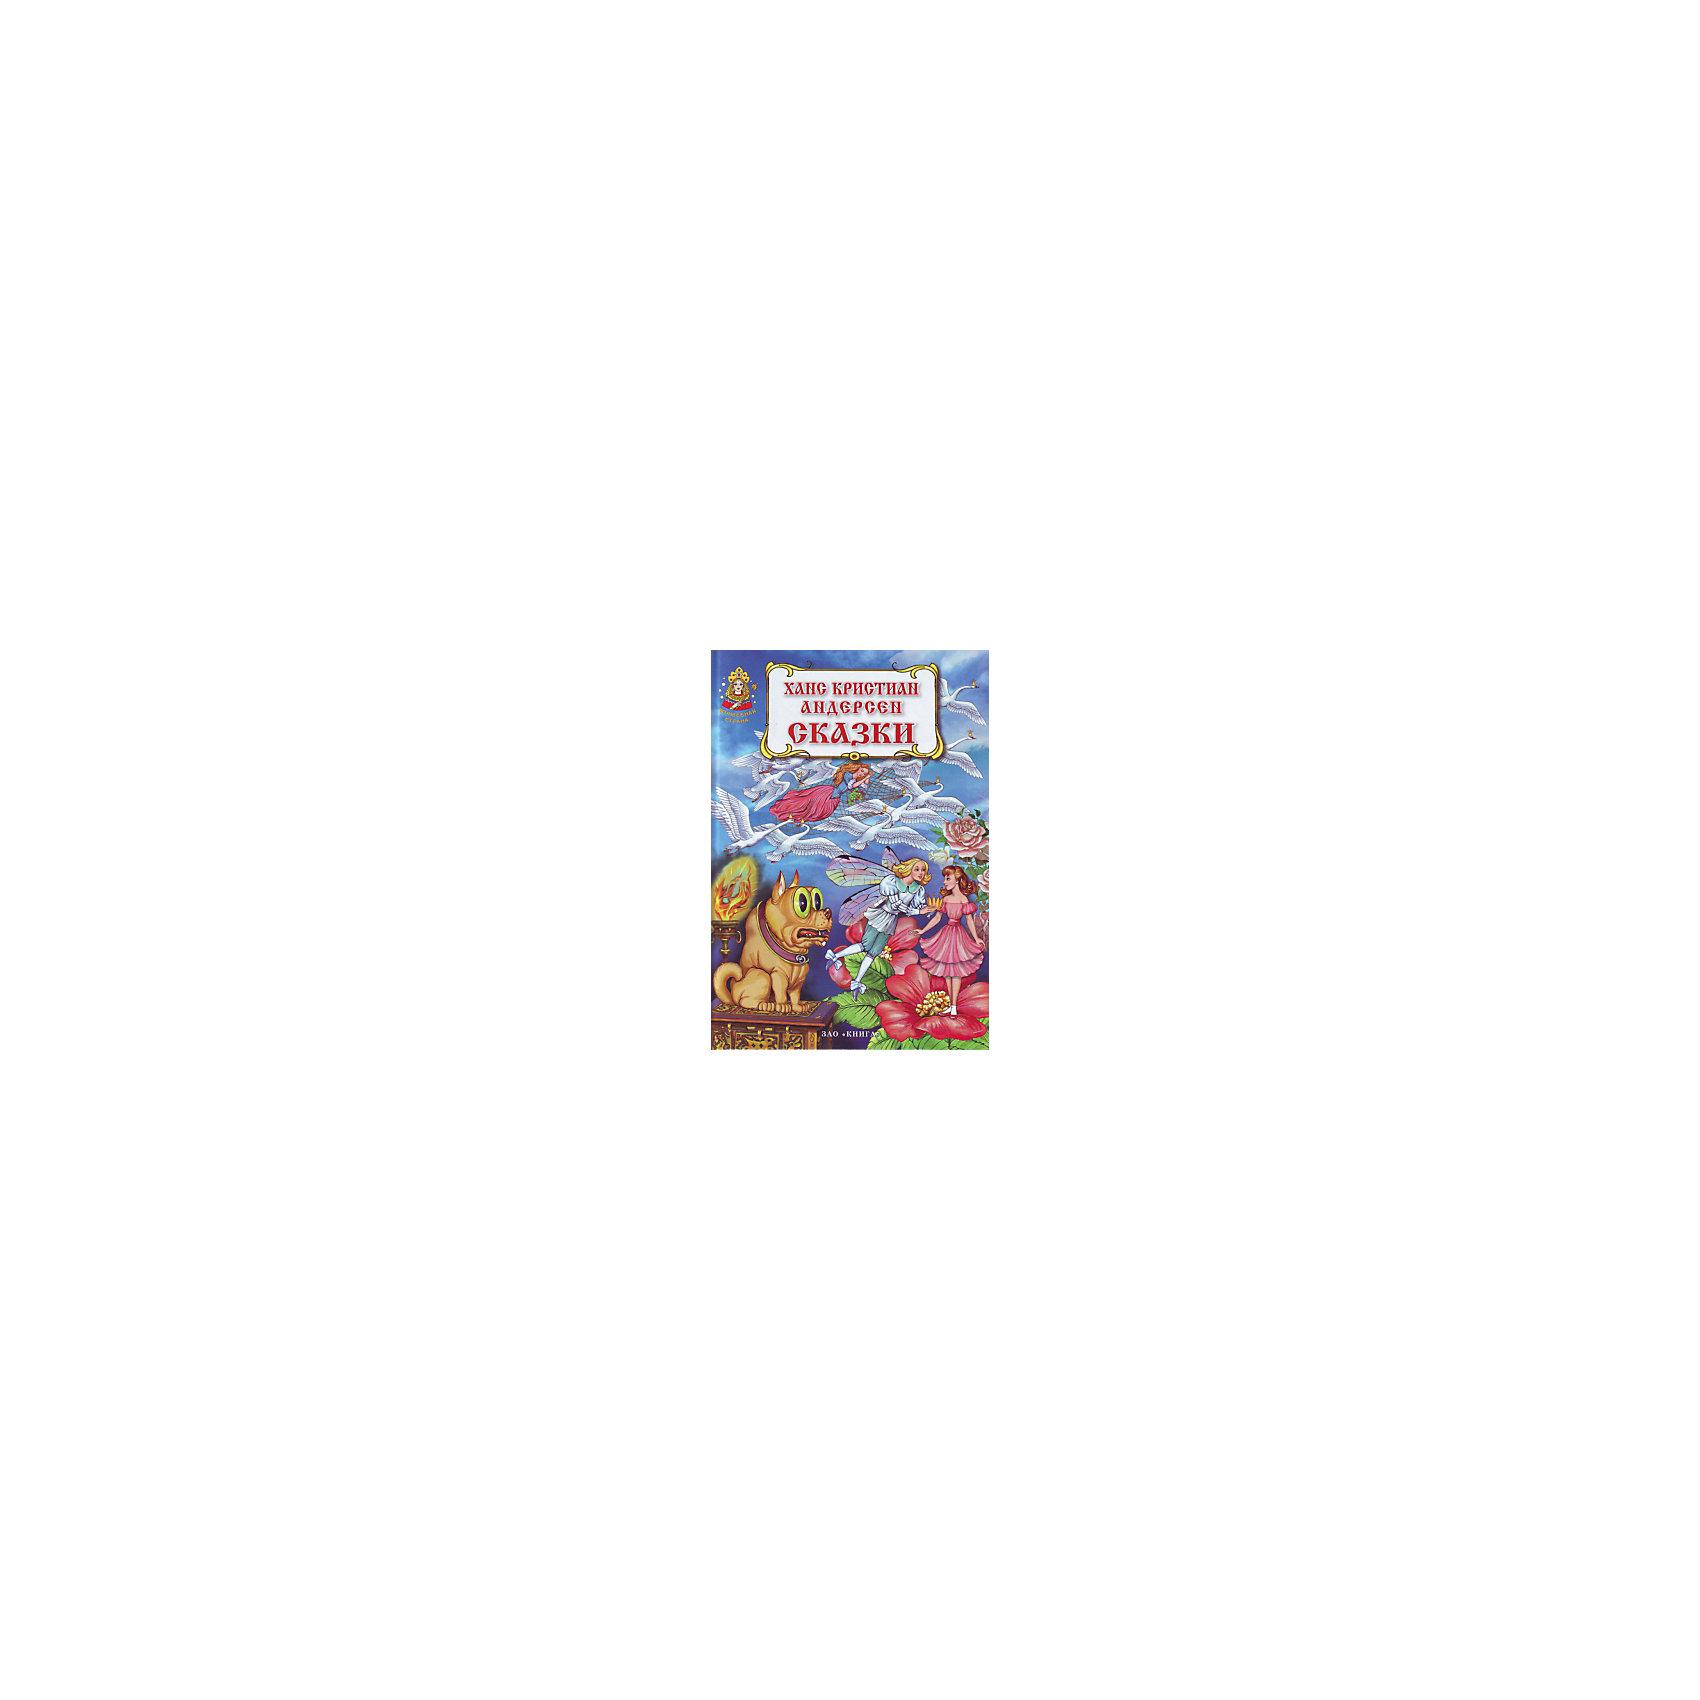 Сказки Андерсена: серия сказок Волшебная странаВ книгу вошли замечательные Сказки великого детского сказочника Ганса Кристиана Андерсена. <br>Для младшего школьного возраста<br><br>Ширина мм: 245<br>Глубина мм: 170<br>Высота мм: 100<br>Вес г: 500<br>Возраст от месяцев: 36<br>Возраст до месяцев: 2147483647<br>Пол: Унисекс<br>Возраст: Детский<br>SKU: 5521186